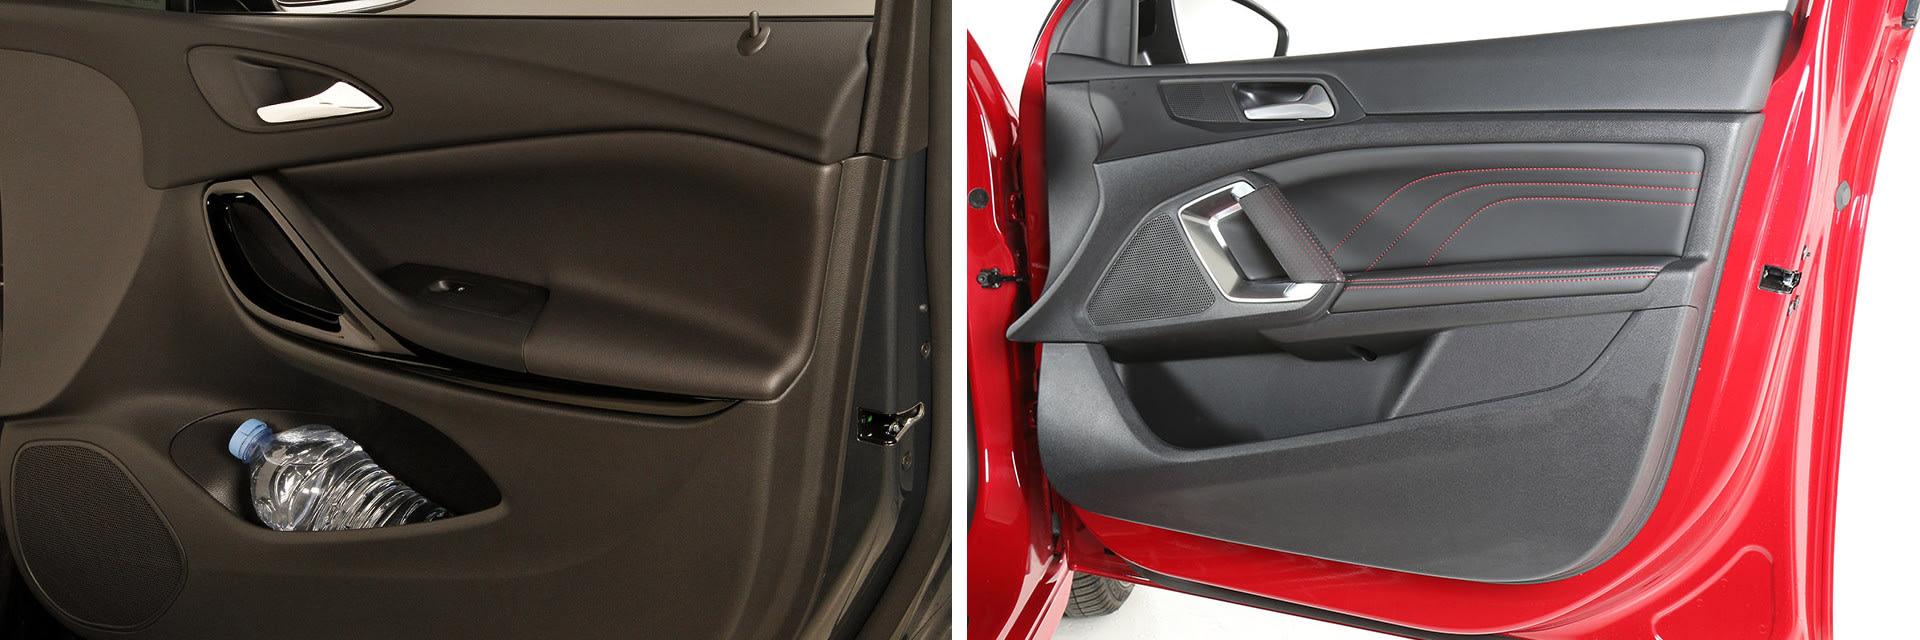 El Opel Astra (izq.) cuenta con las compartimentos en el interior que los que tiene el Peugeot 308 (dcha.)